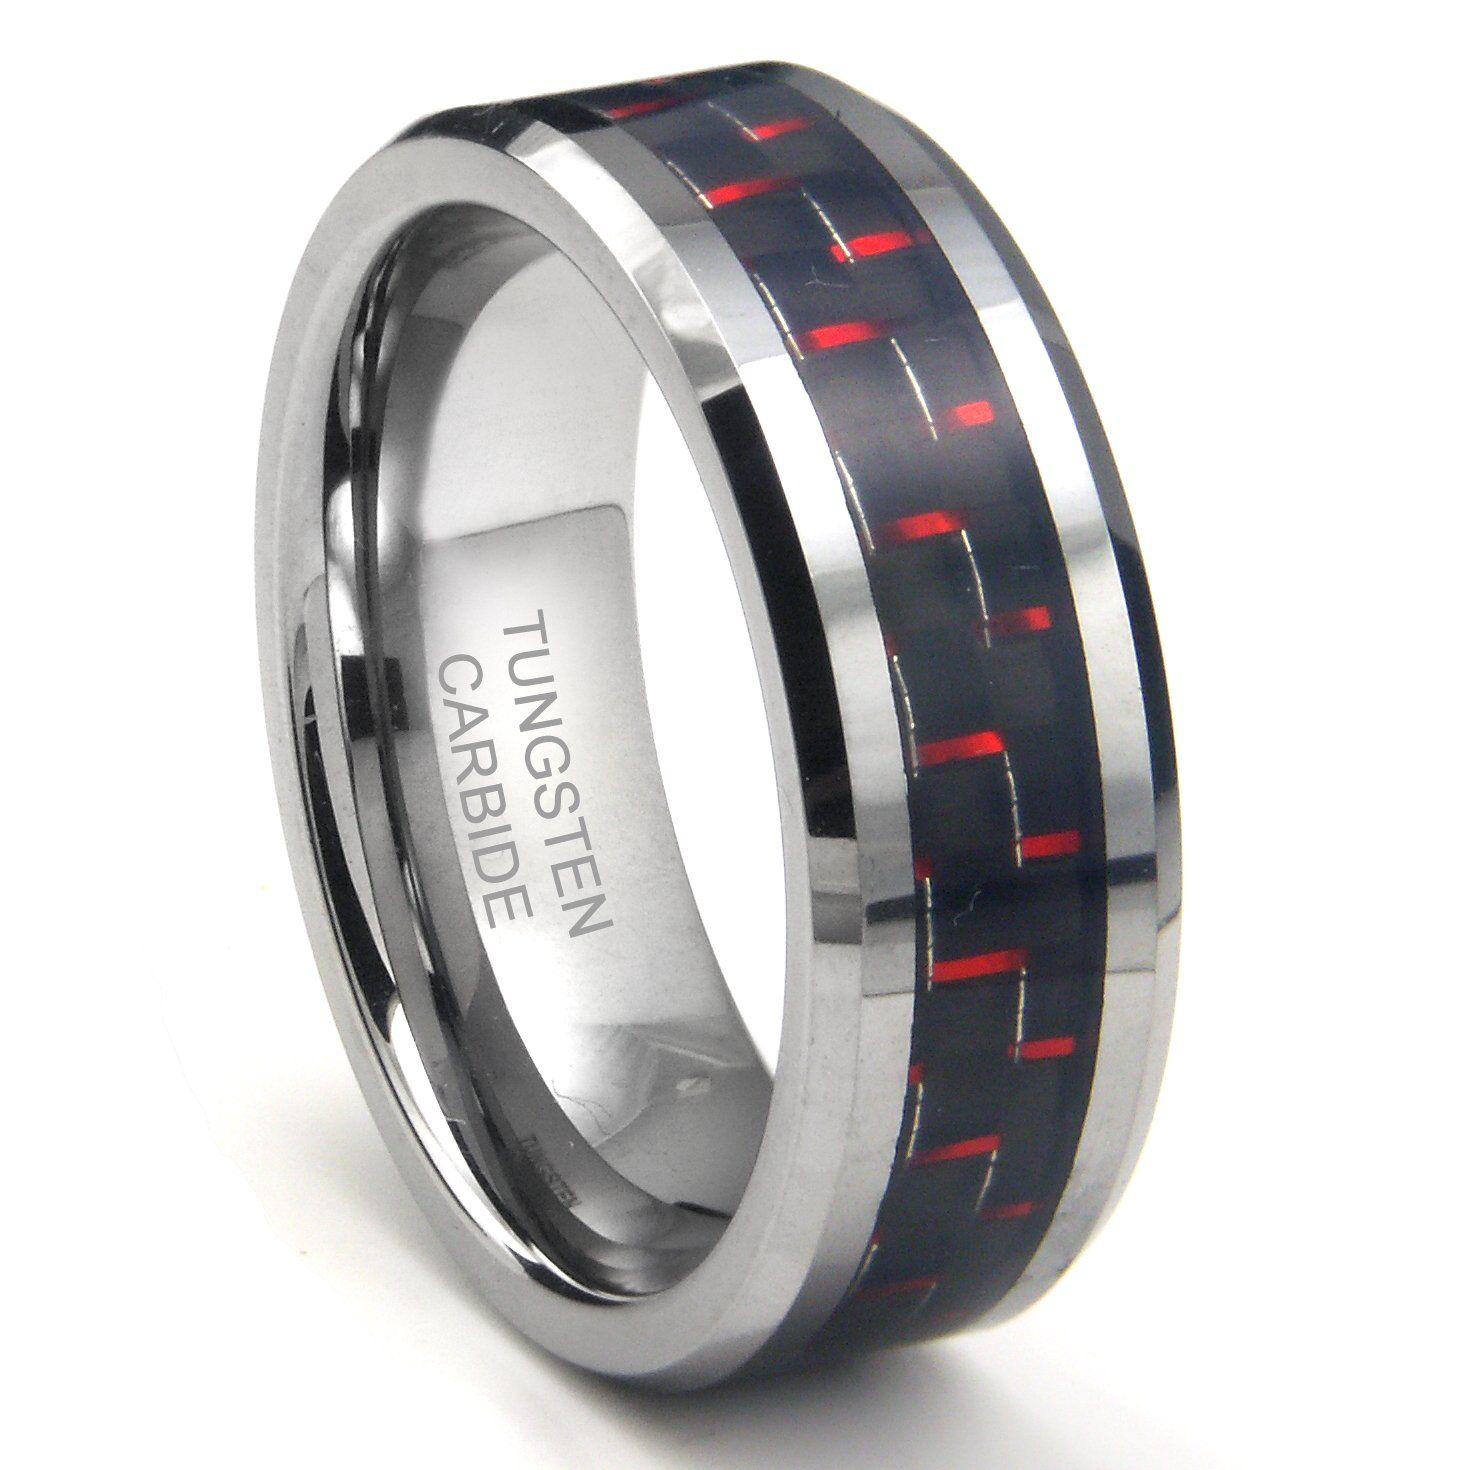 RED & BLACK Carbon Fiber Inlay 8MM Men's Tungsten Carbide